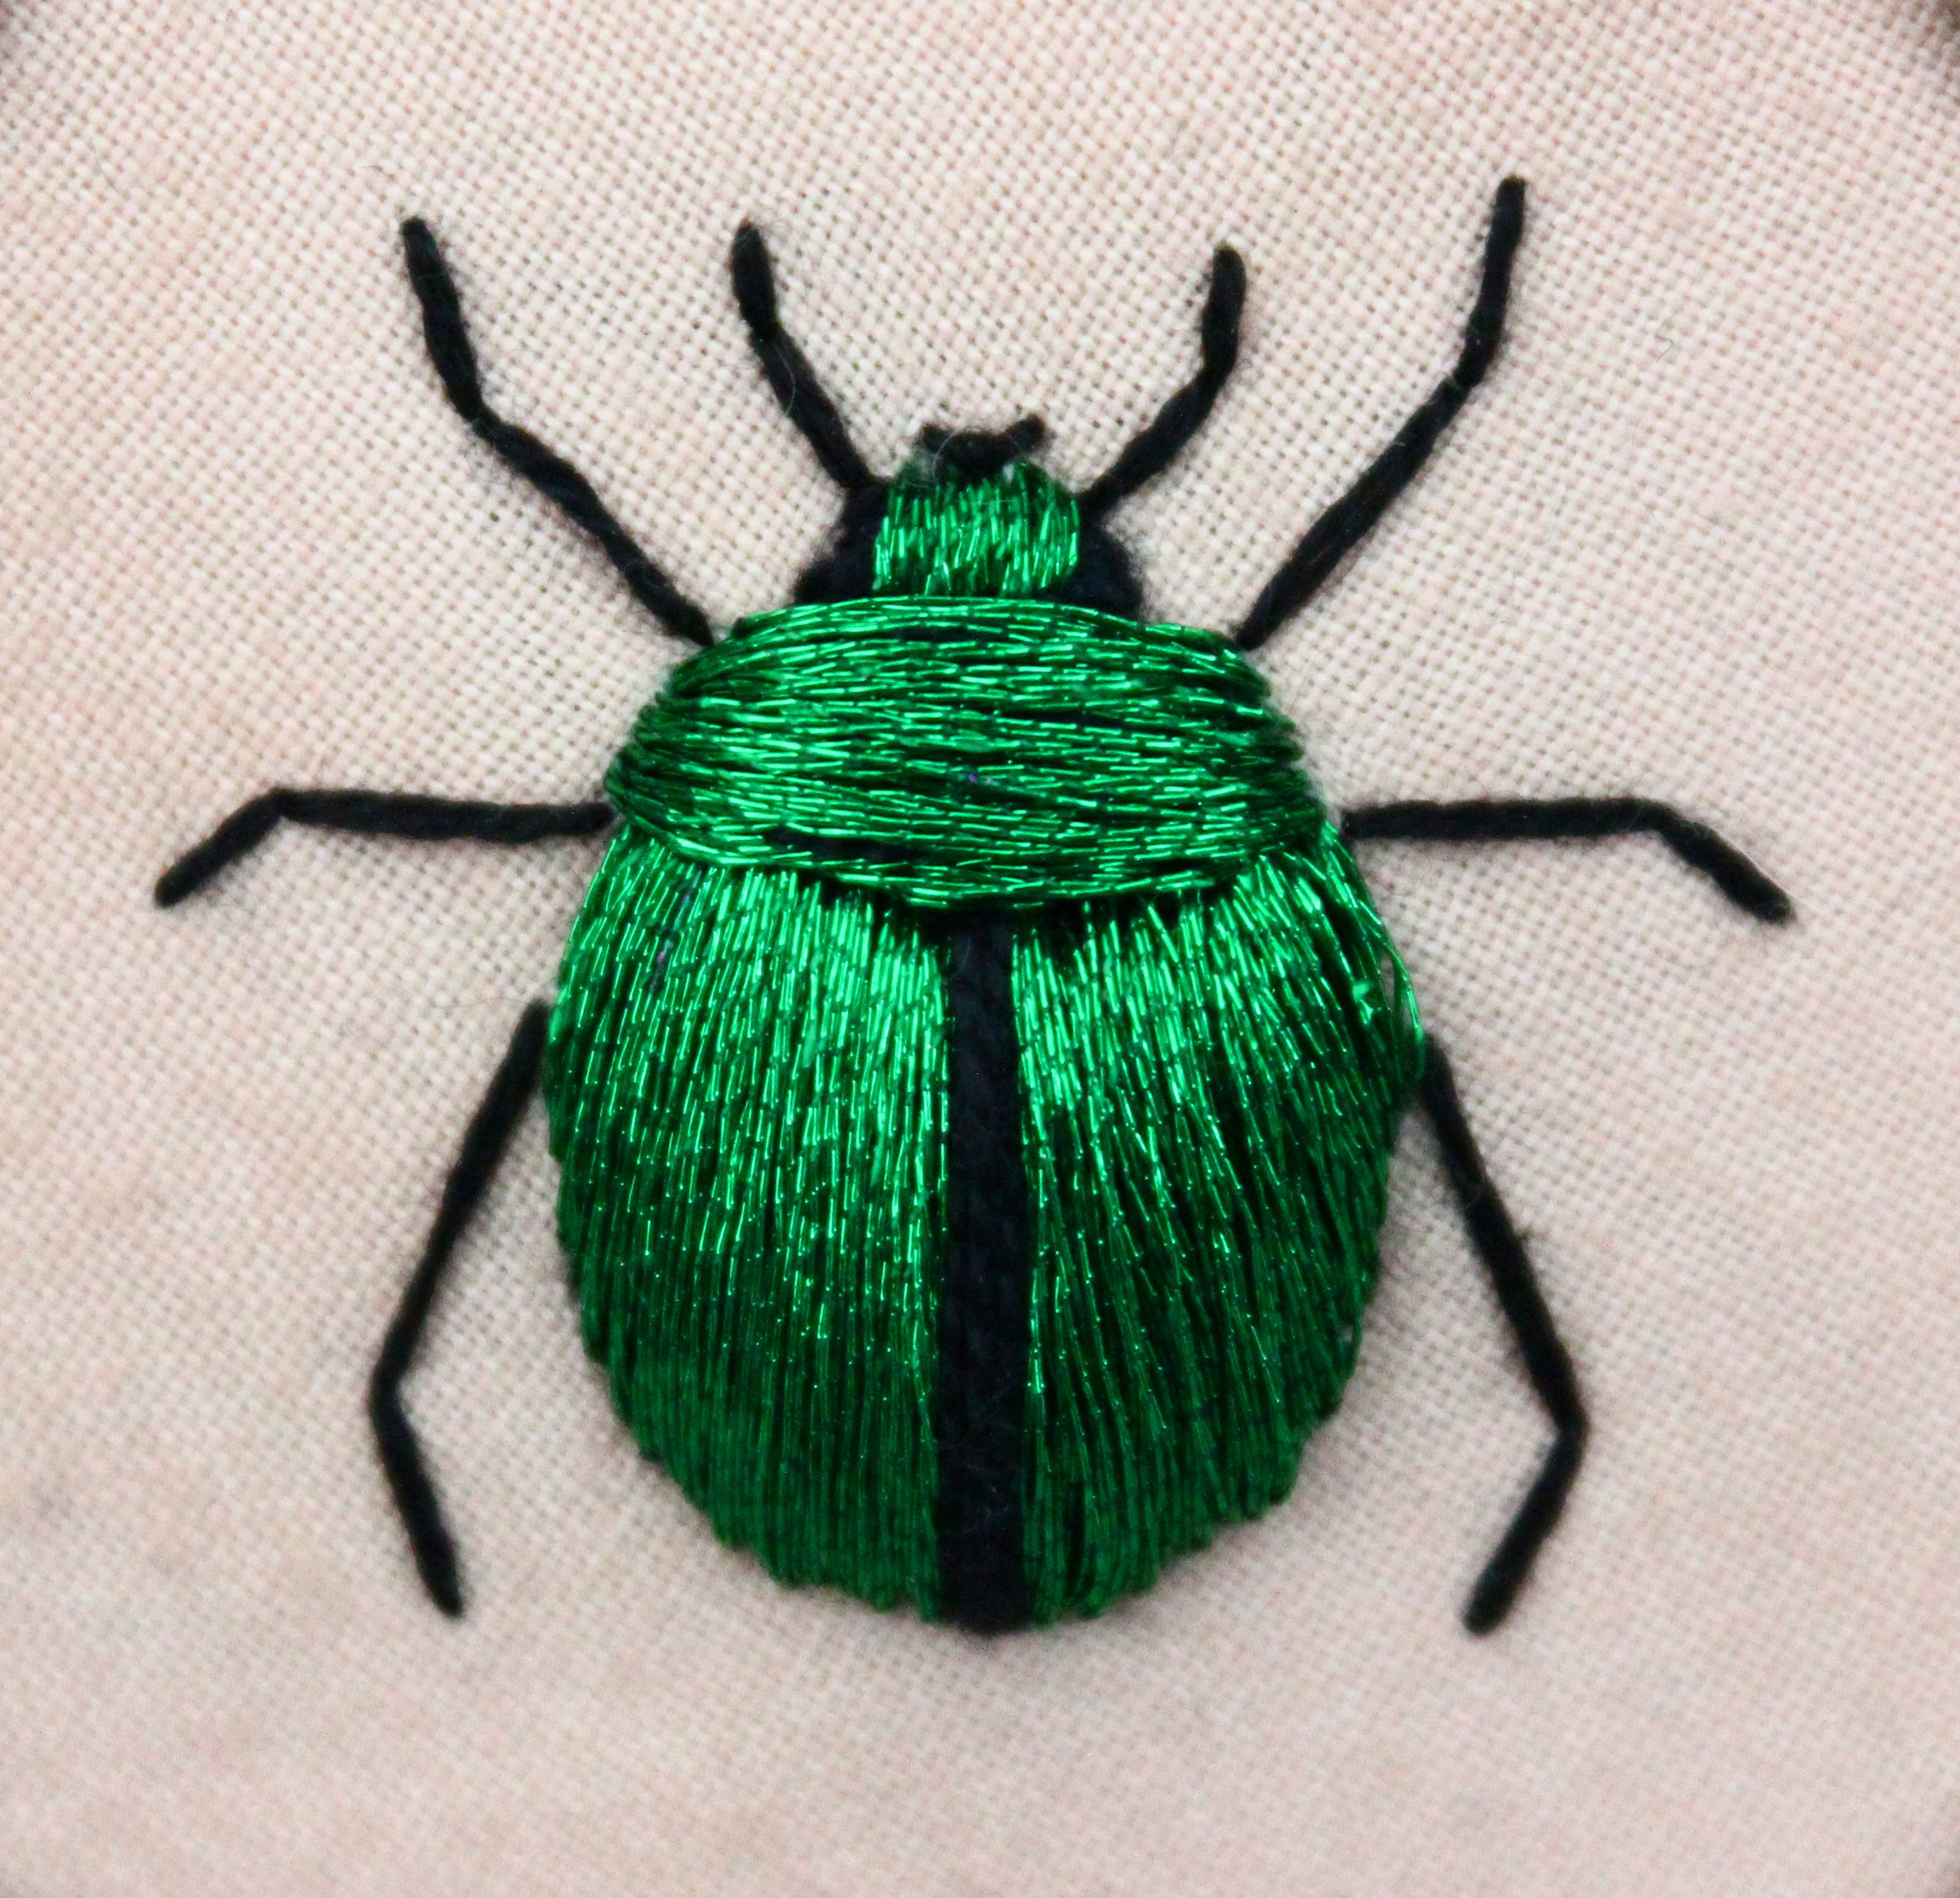 9897d1abd2ac93 Stumpwork beetle (green june bug - Cotinus nitida) inspired by the work of  Jane Nicholas and Di van Niekerk.